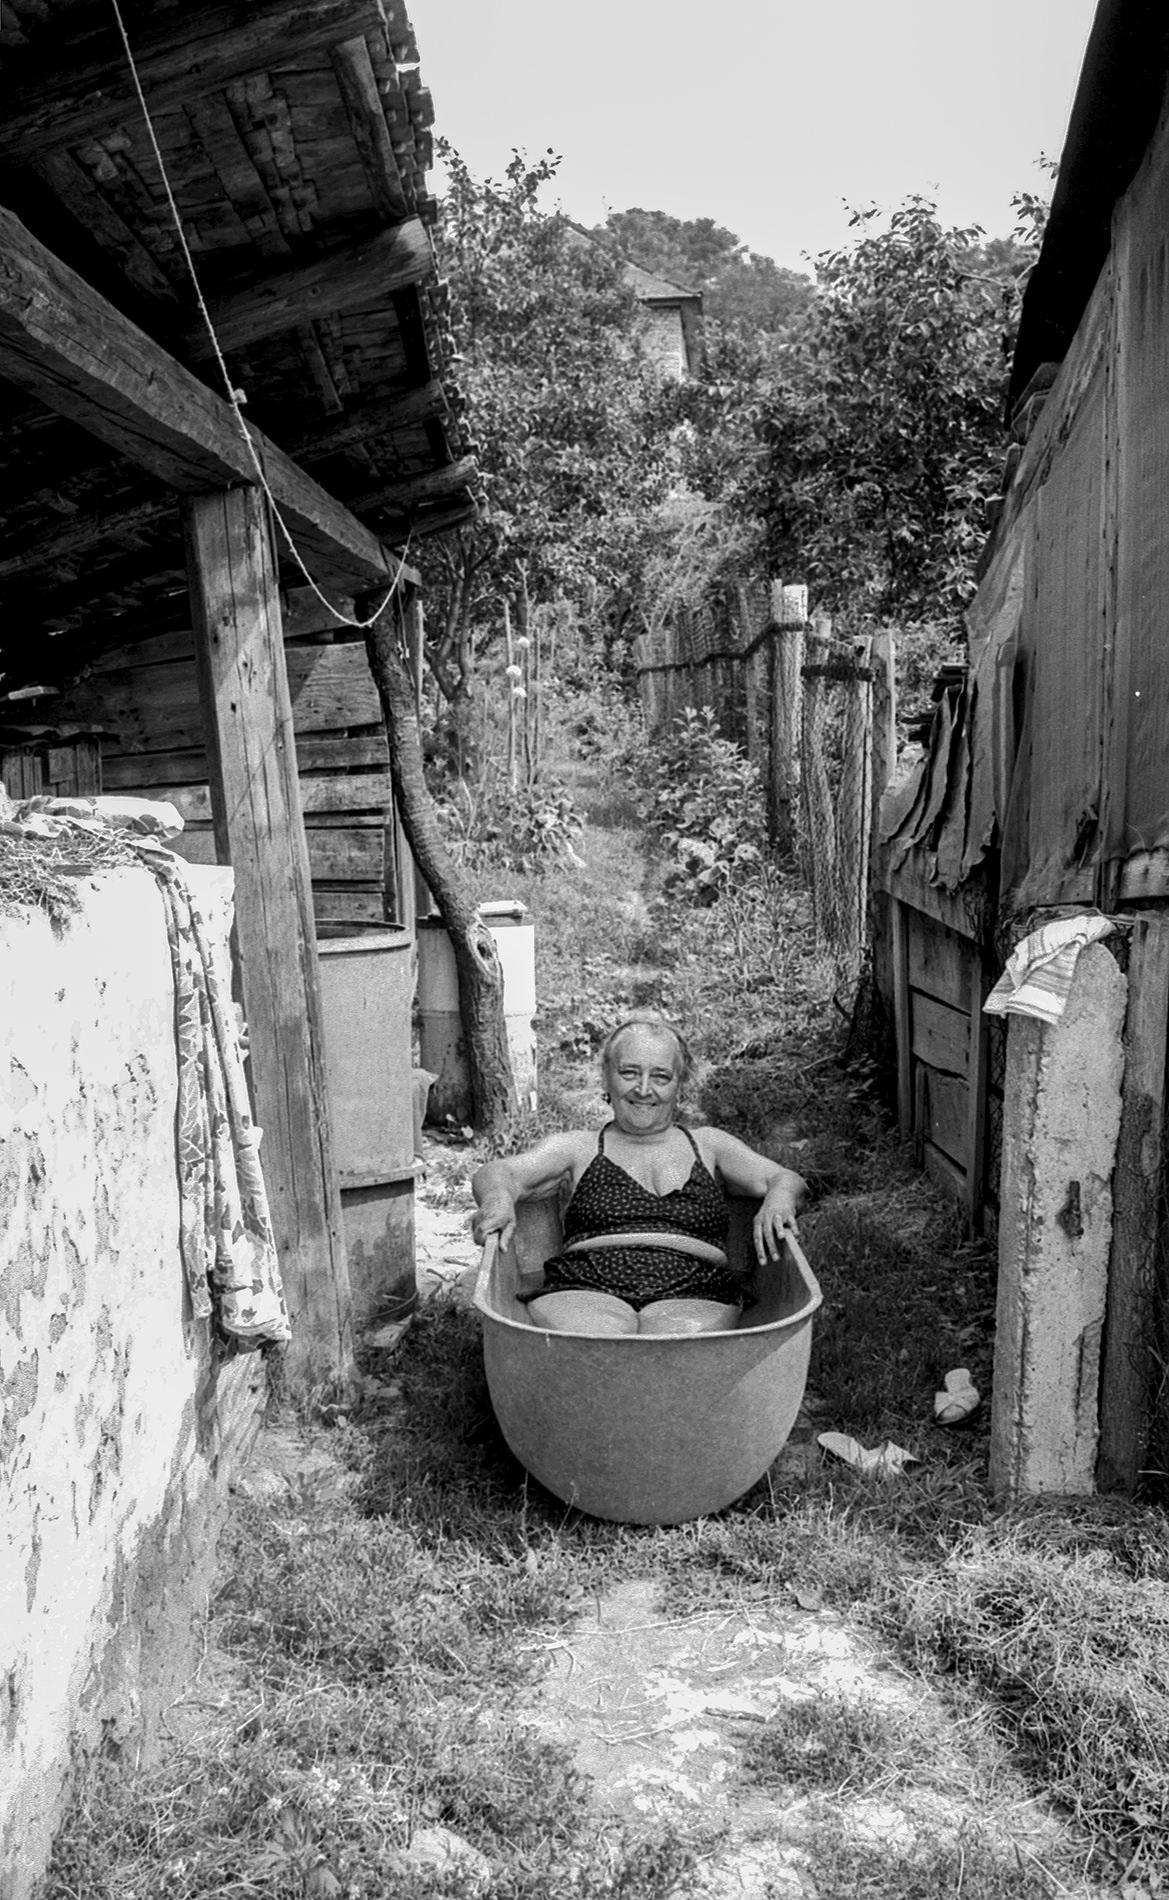 Felvégi Andrea: Ózd, fürdőzés, 1987 © Felvégi Andrea